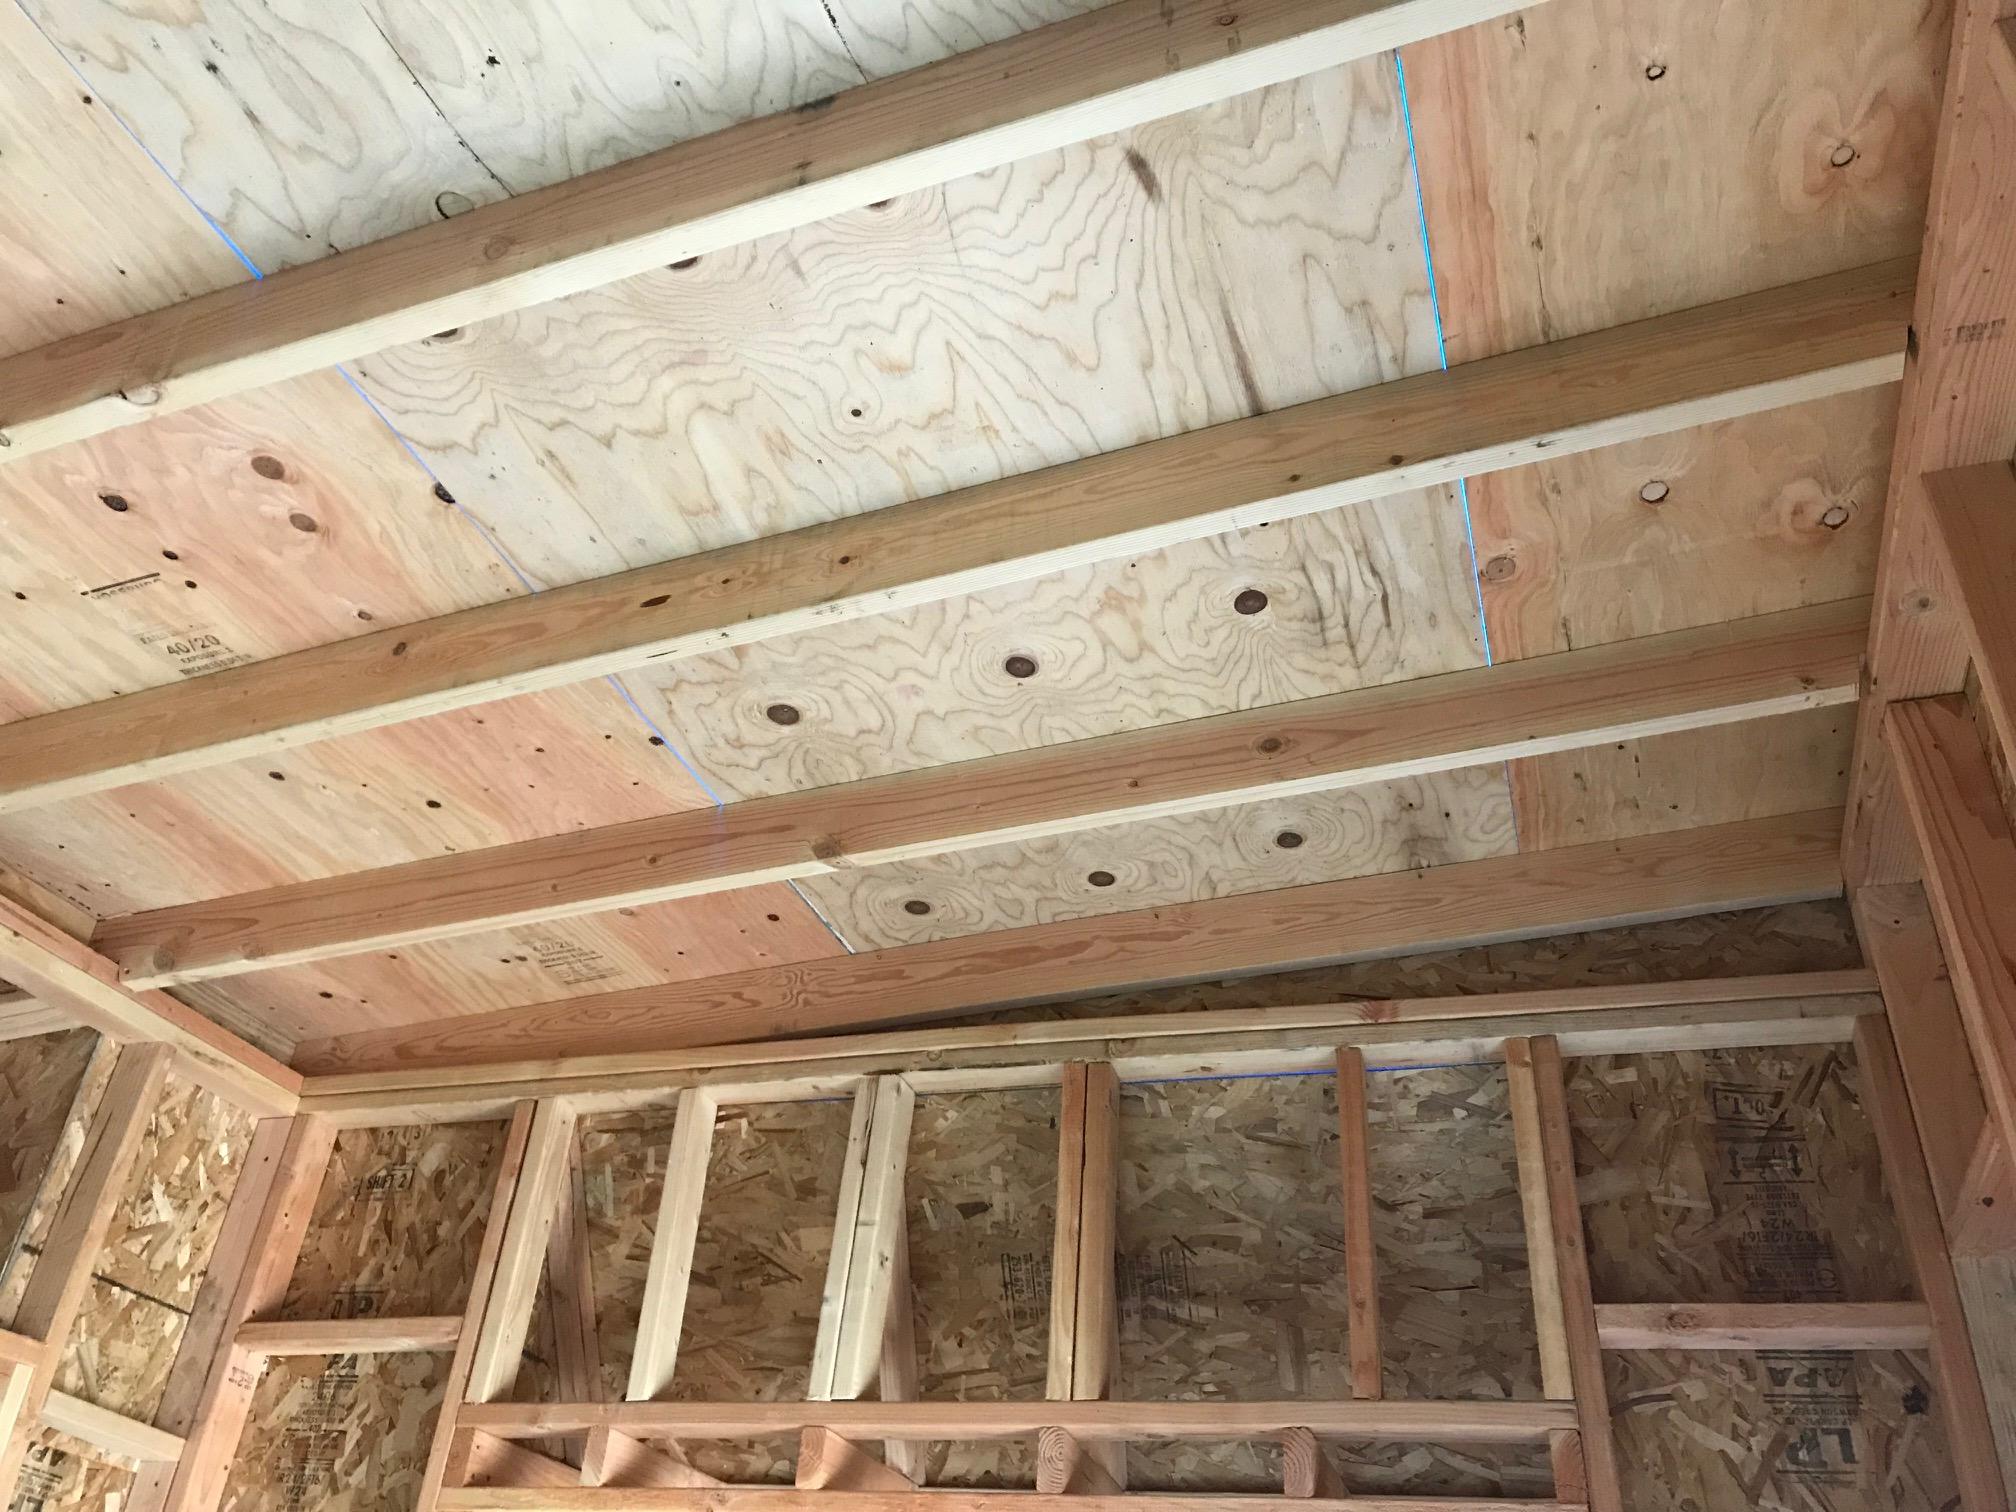 Insulate slightly flat ceiling?-img_0025.jpg